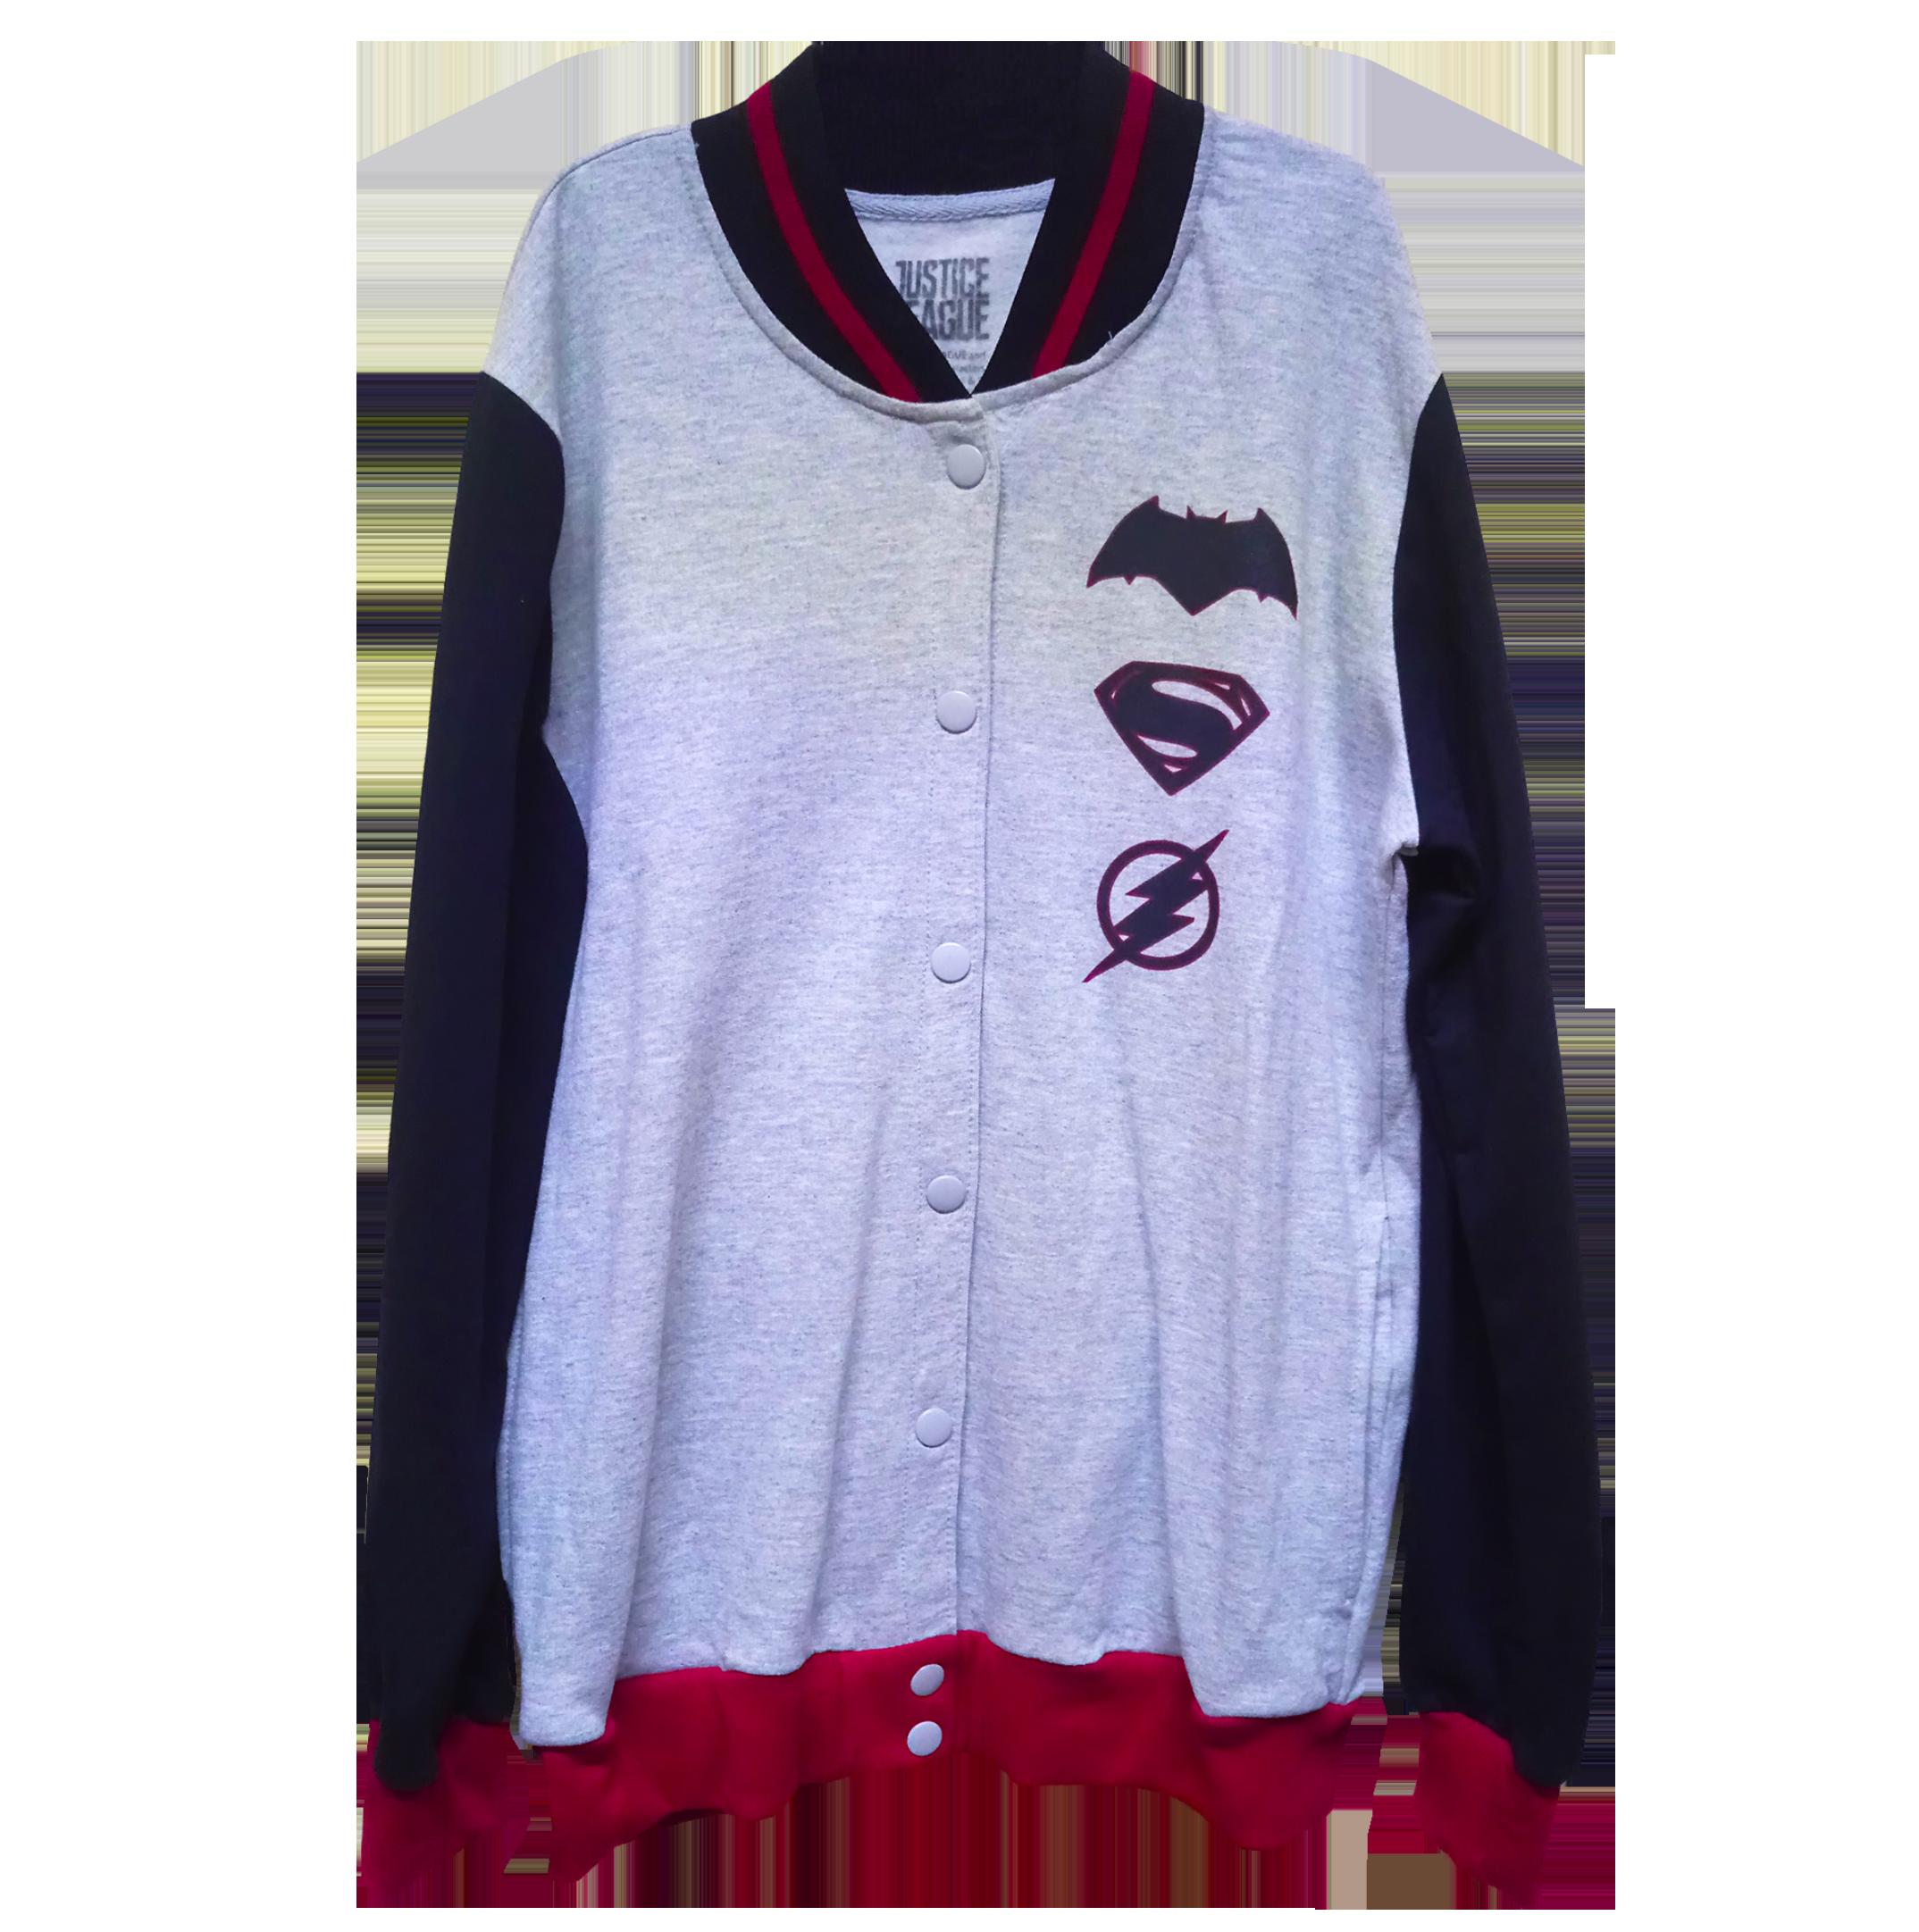 Chamarra oficial de Justice League para caballero color jaspe en el cuerpo  y mangas negras. Puños y borde en rojo 2ad1a16e83104